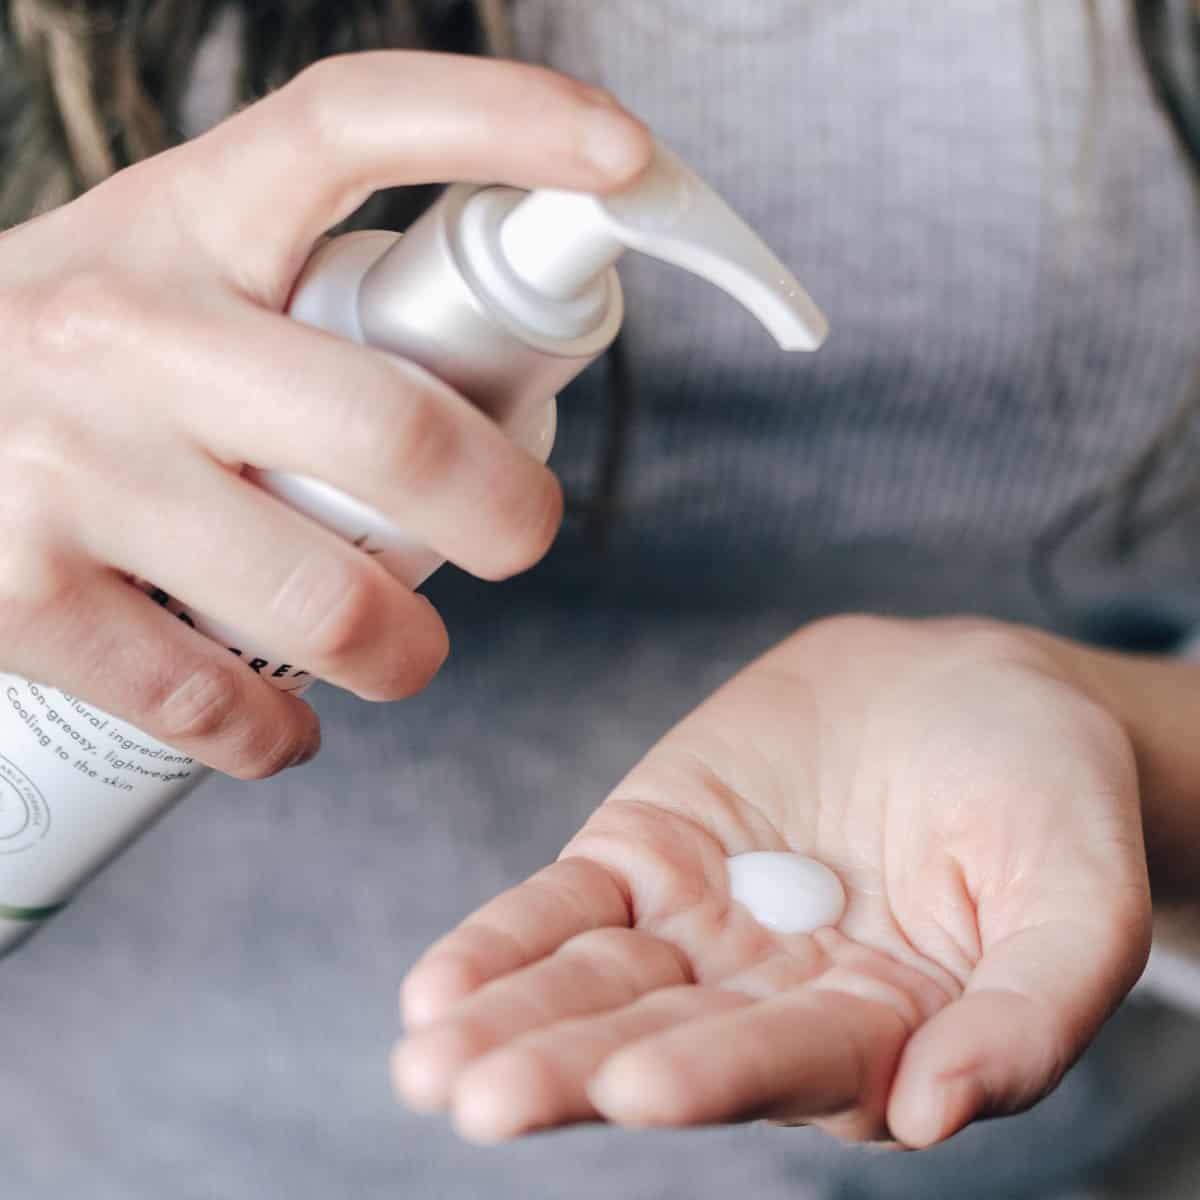 cream-on-hand